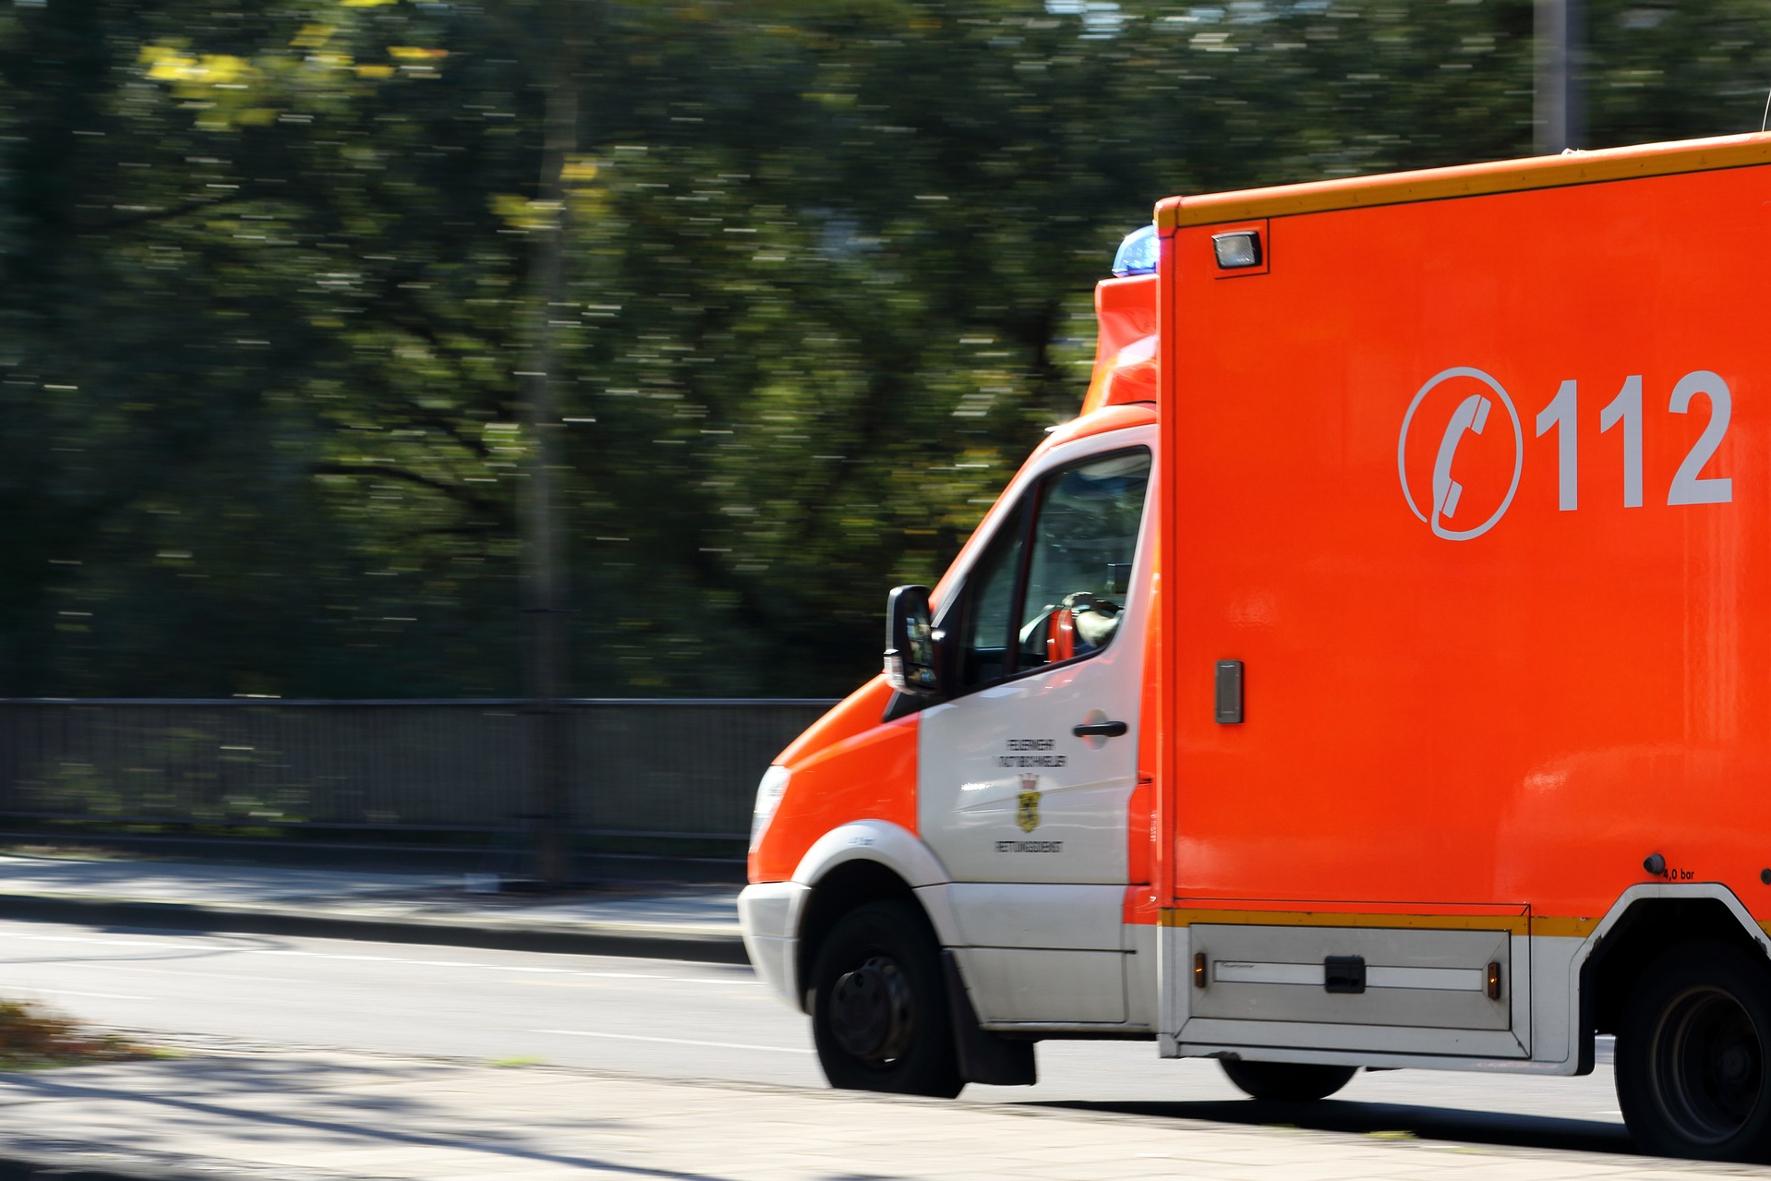 mid Groß-Gerau - Krankenwagen müssen lautstark auf sich aufmerksam machen, damit Fahrer rechtzeitig die Fahrbahn freimachen können. Ein schwedisches Projekt will sich dazu jetzt zusätzlich das Autoradio zunutze machen.